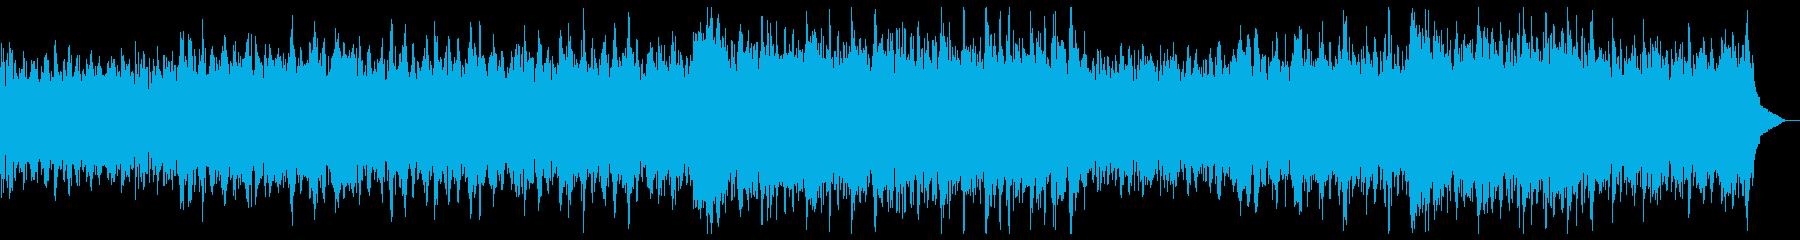 デジタル技術・知的ピアノ:打楽器抜きの再生済みの波形